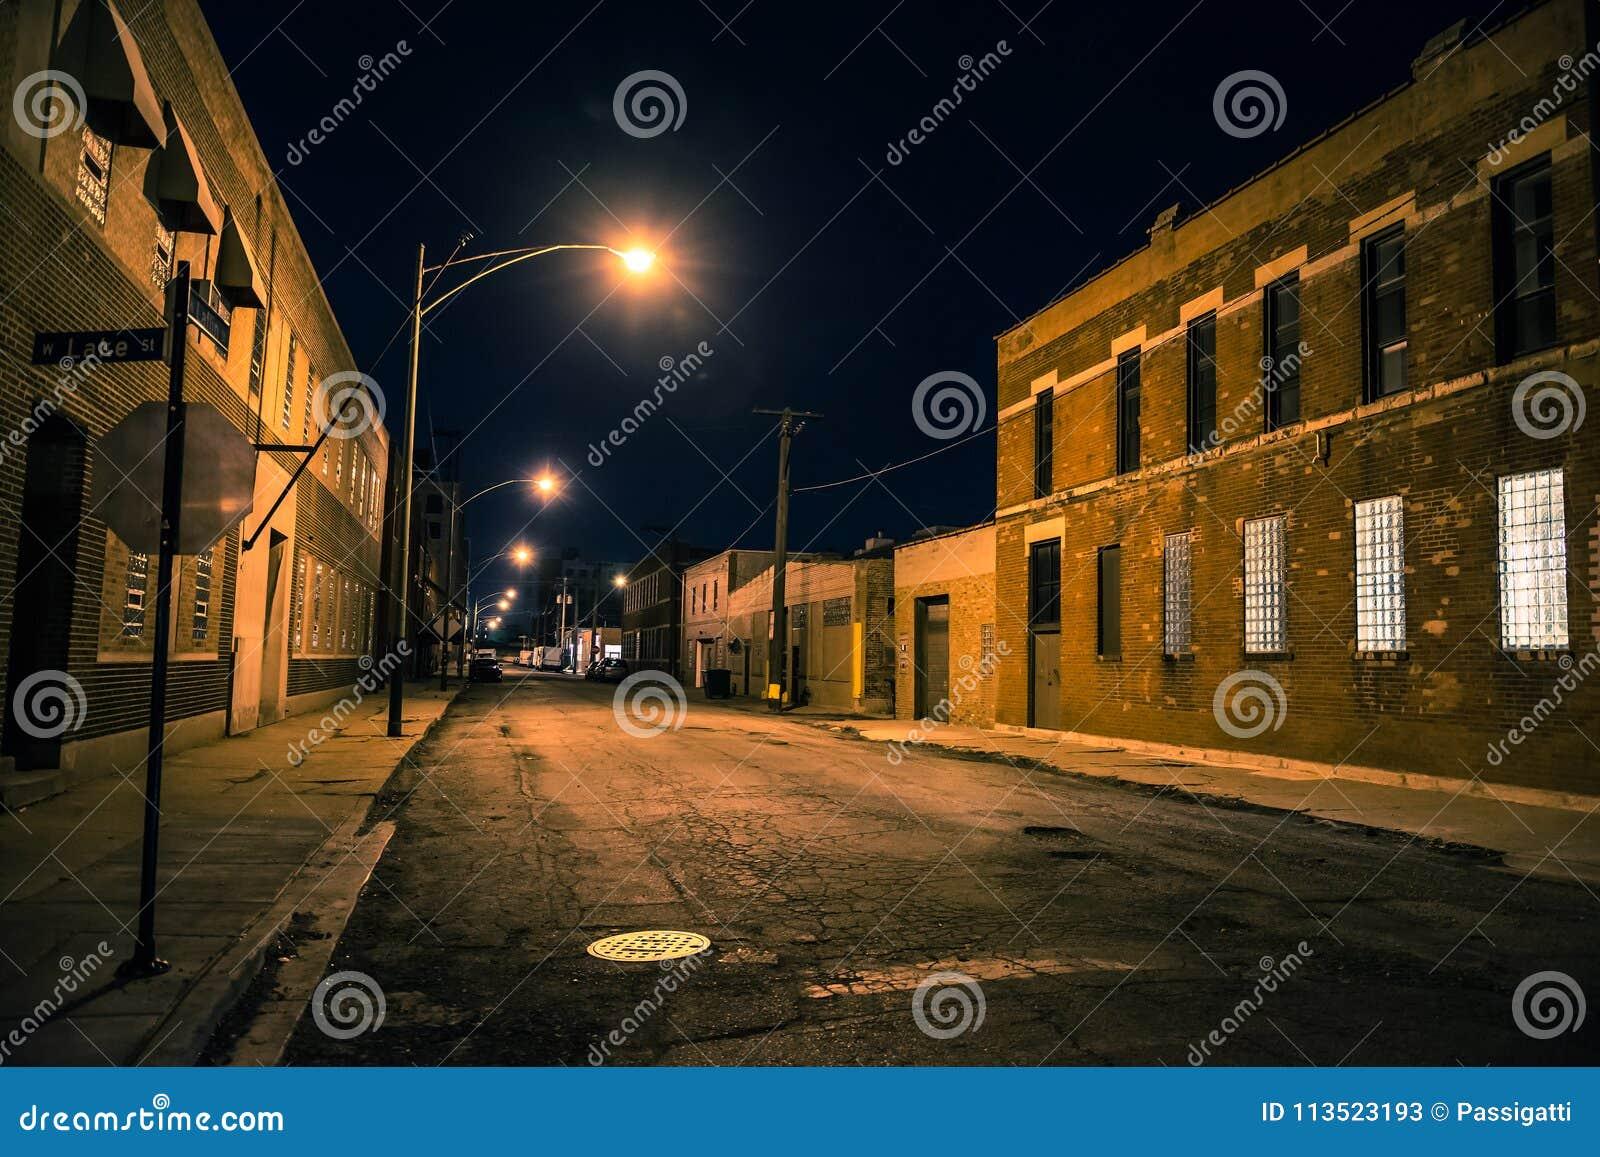 Σκοτεινή και τρομακτική αστική βιομηχανική περιοχή πόλης τη νύχτα